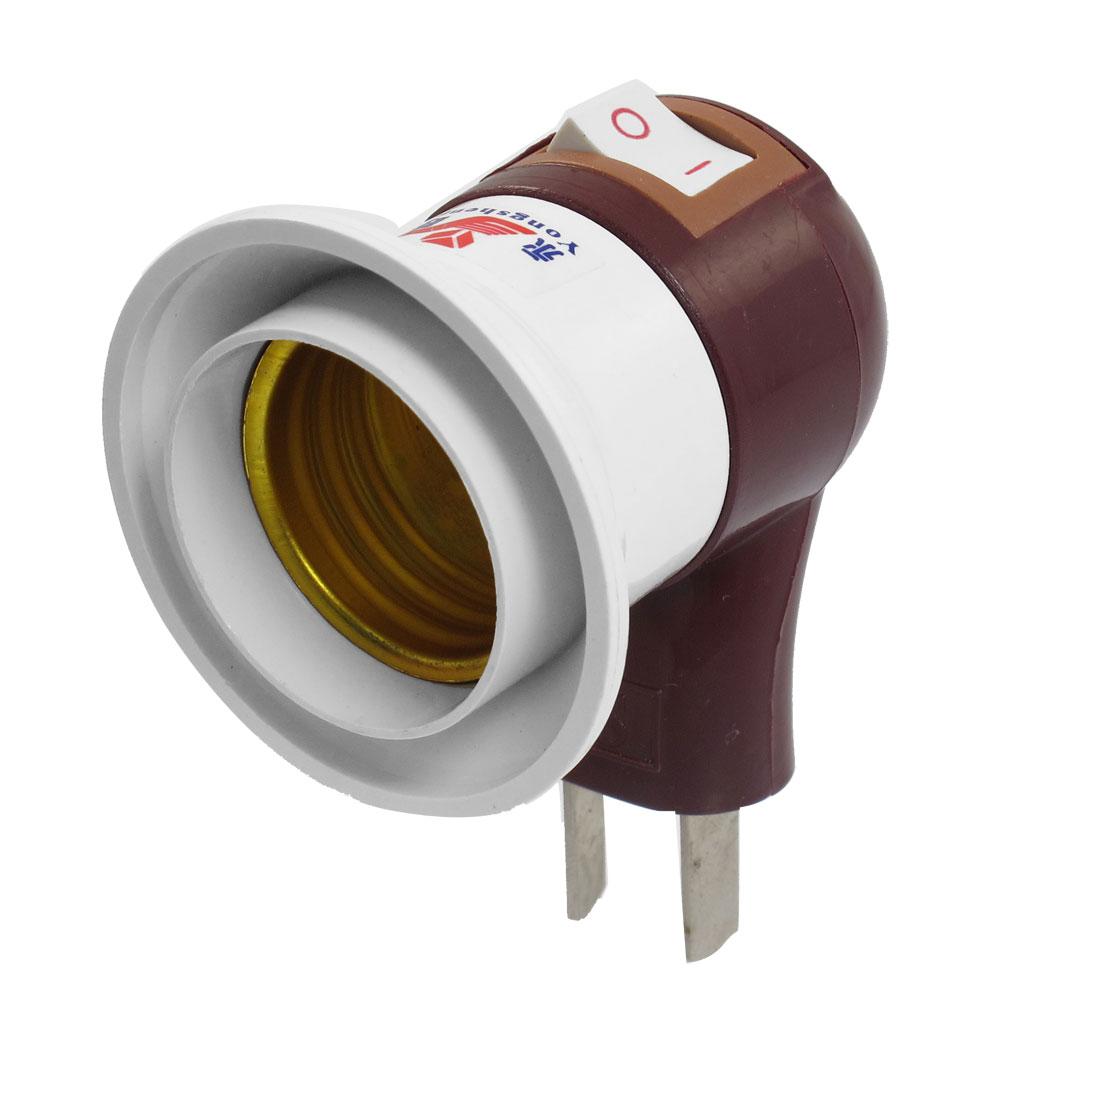 E27 Screw Type Boat Switch Design Light Bulb Lamp Socket Brown White